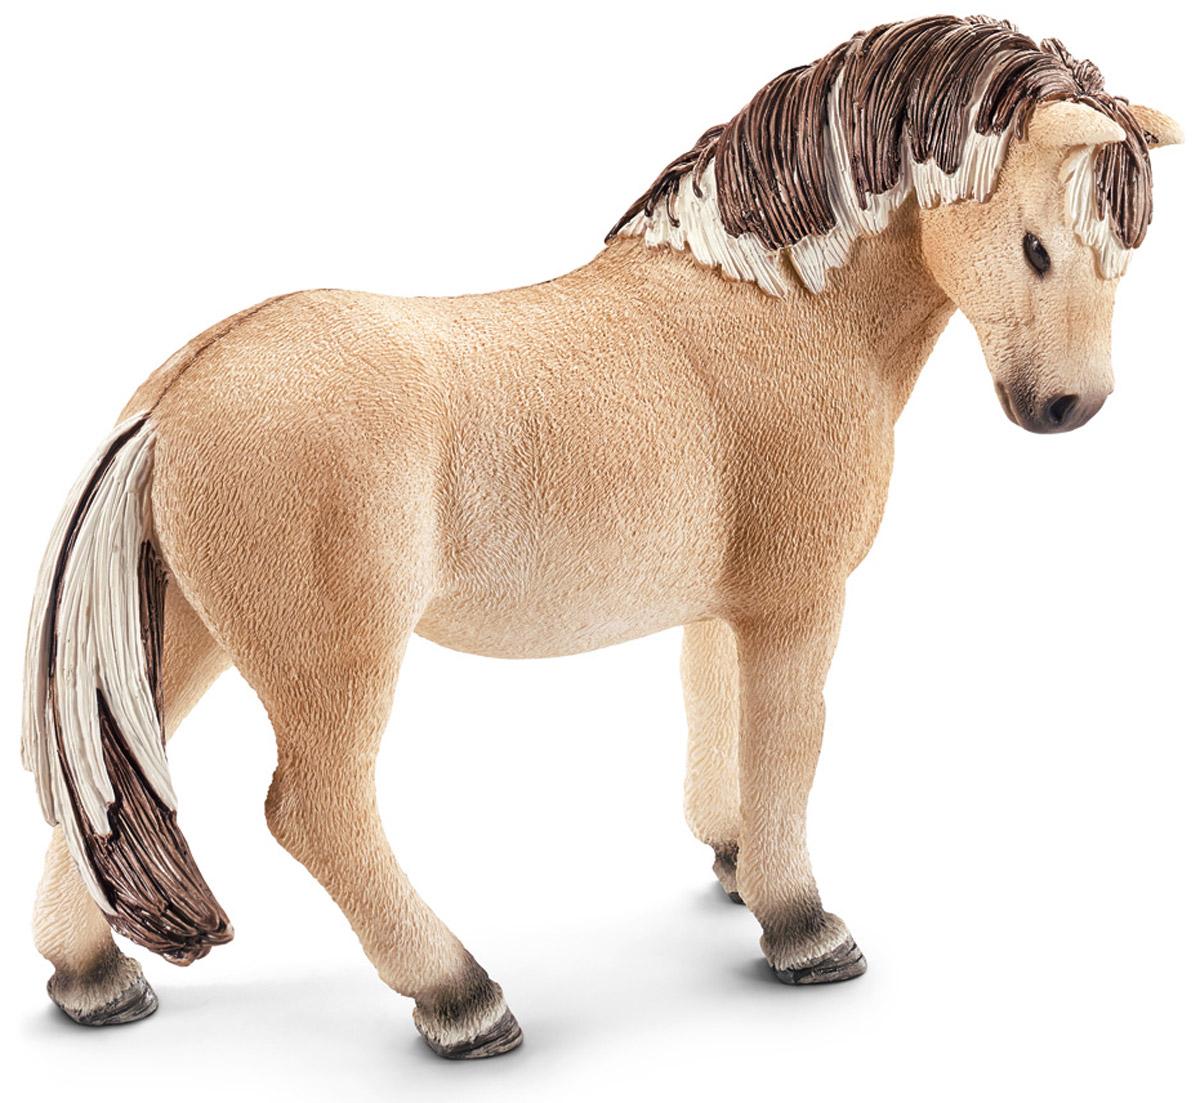 Schleich Фигурка Фьордская кобыла13754Великолепная фигурка Schleich Фьордская кобыла разнообразит игры вашего ребенка и станет прекрасным пополнением коллекции игрушек. Фьордская порода лошадей отличается небольшим размером, но при этом - это очень сильные и мощные лошади с широкой шеей и невысокими ногами. Фьордская порода лошадей очень похожа на диких лошадей Восточной Европы и Азии. Их превосходную гриву подрезают таким образом, чтобы она стояла вертикально и проходила вдоль всей спины до самого хвоста. Сейчас эти лошади используются для соревнований. Фигурка выполнена из безопасного каучукового пластика и раскрашена вручную.